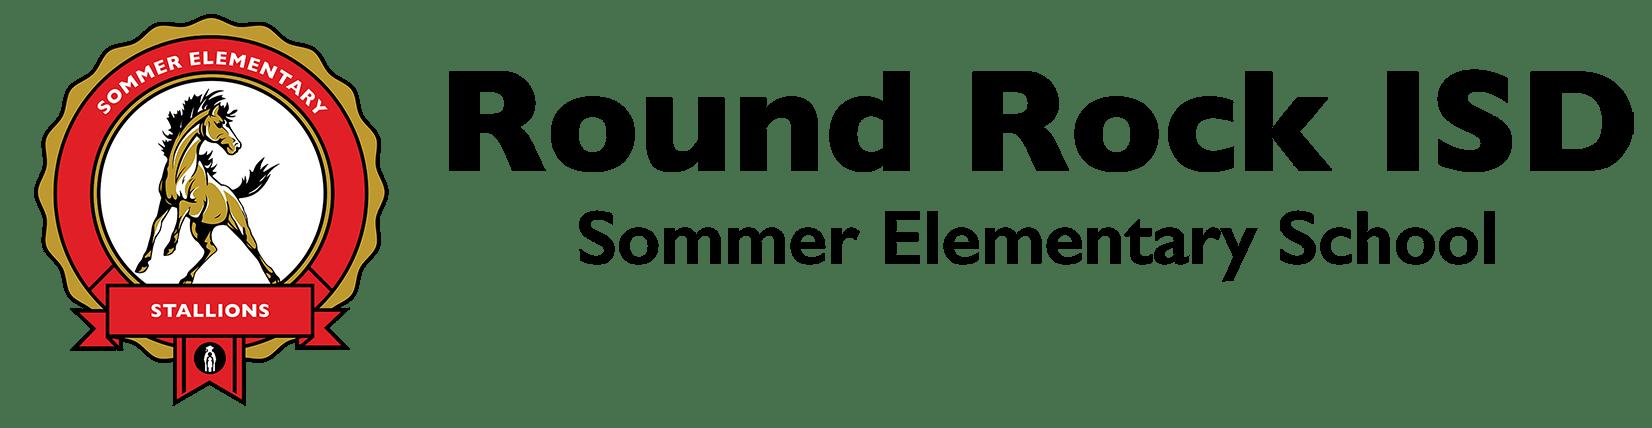 Sommer Elementary School